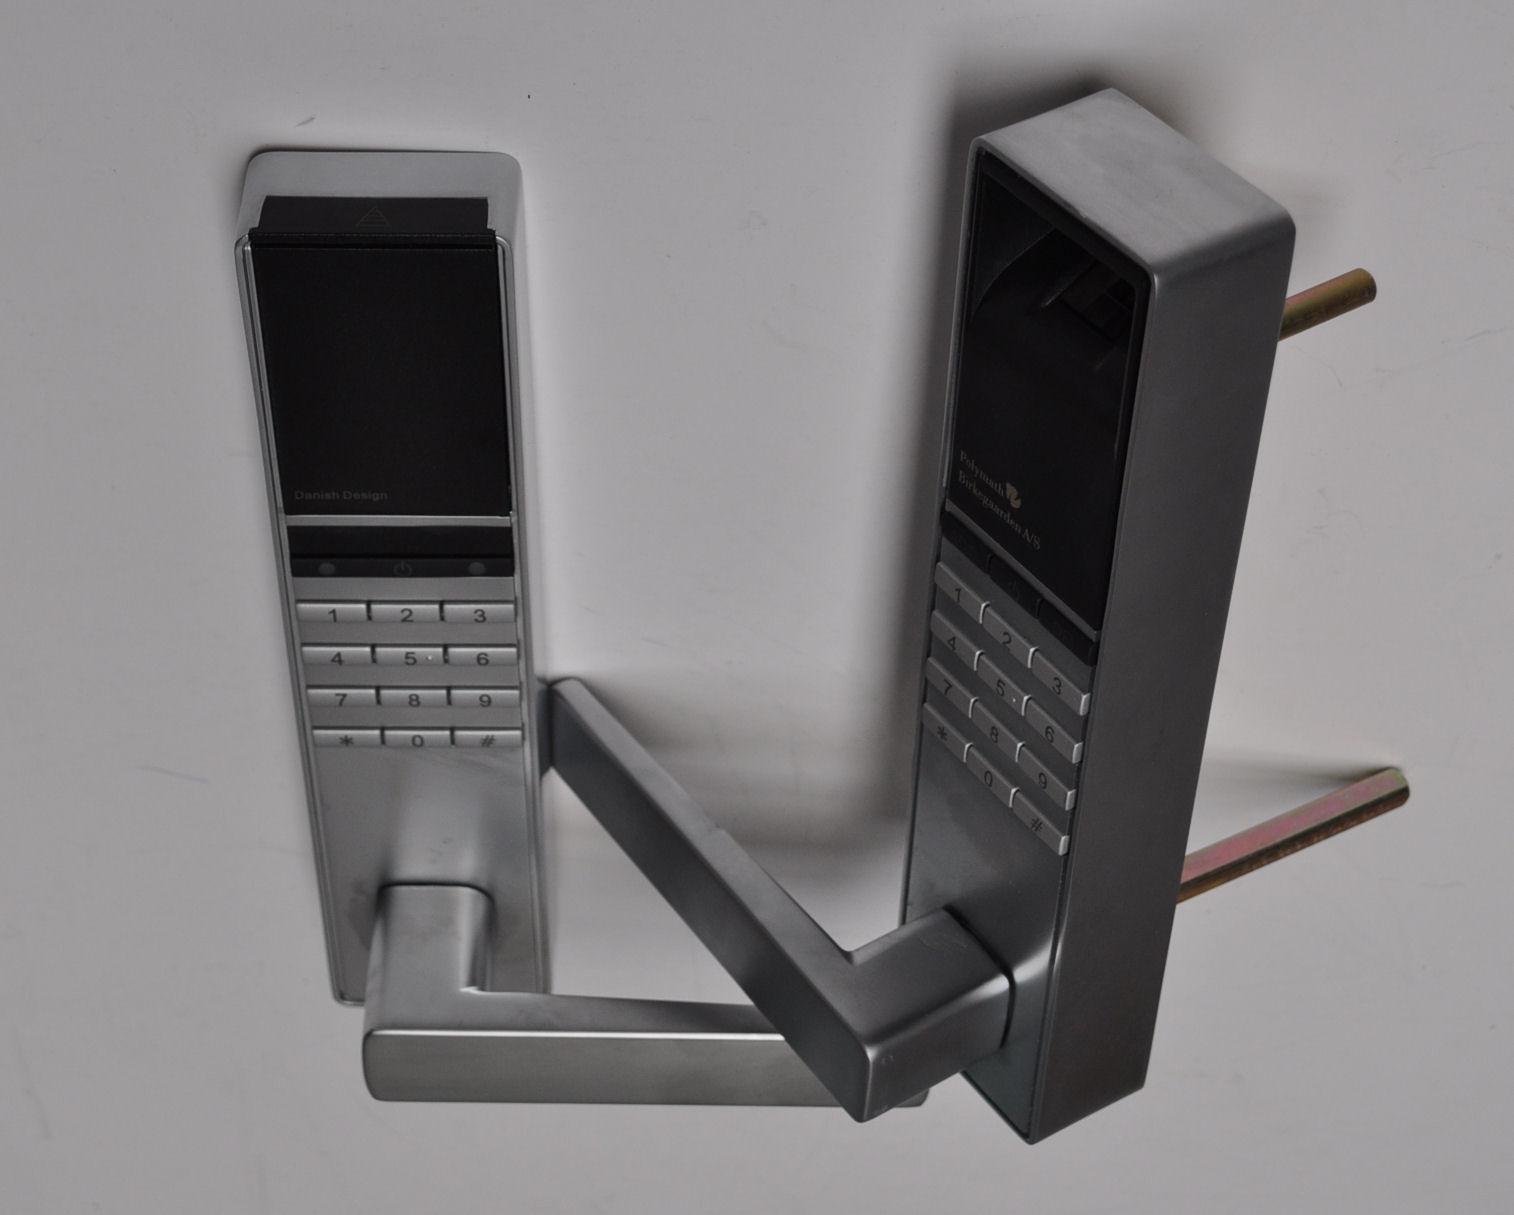 gadgets til boligen